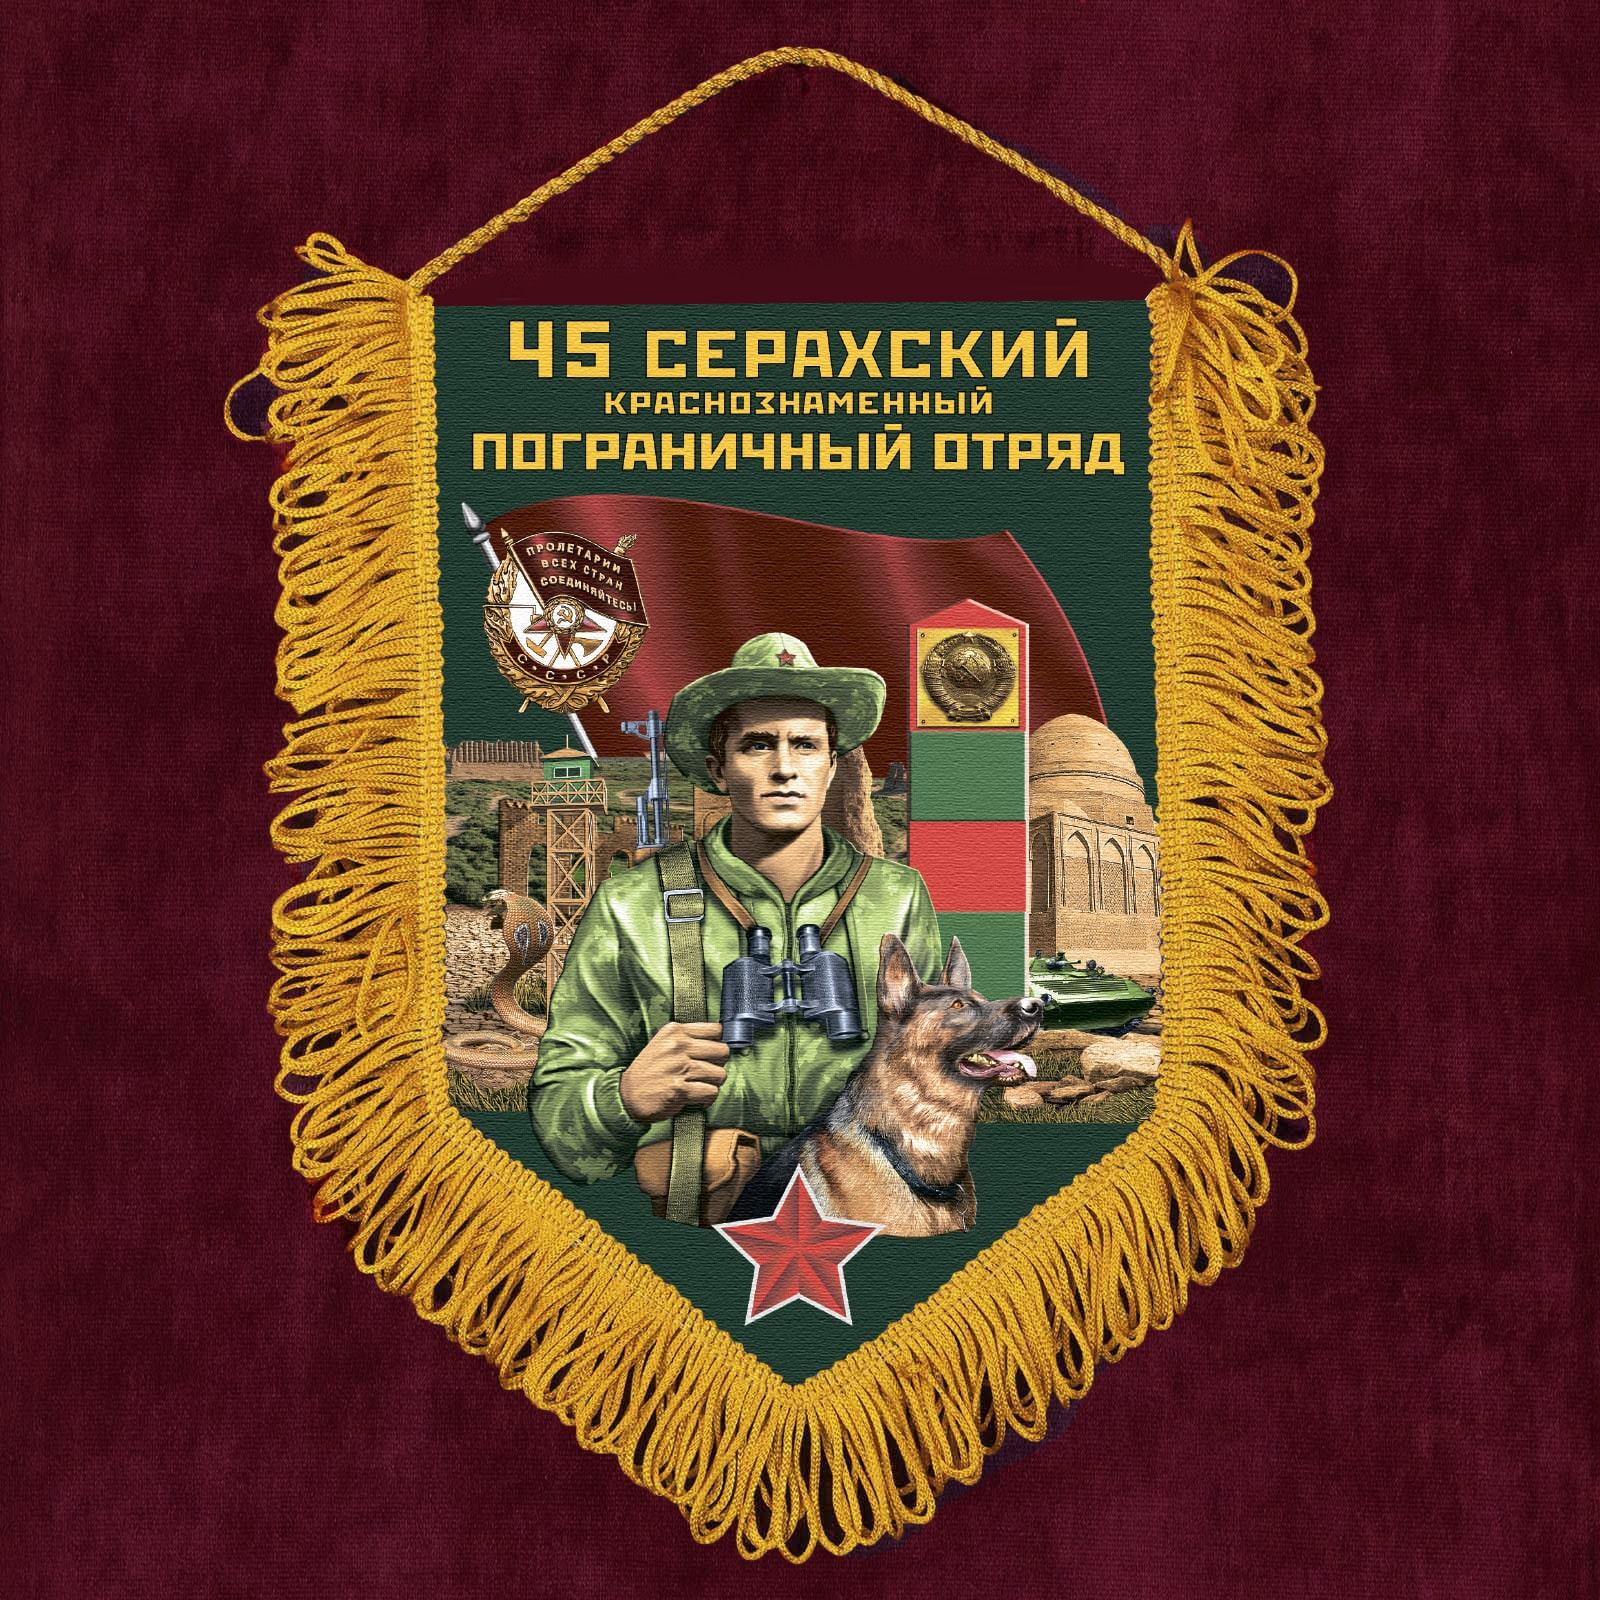 """Наградной вымпел """"45 Серахский пограничный отряд"""""""